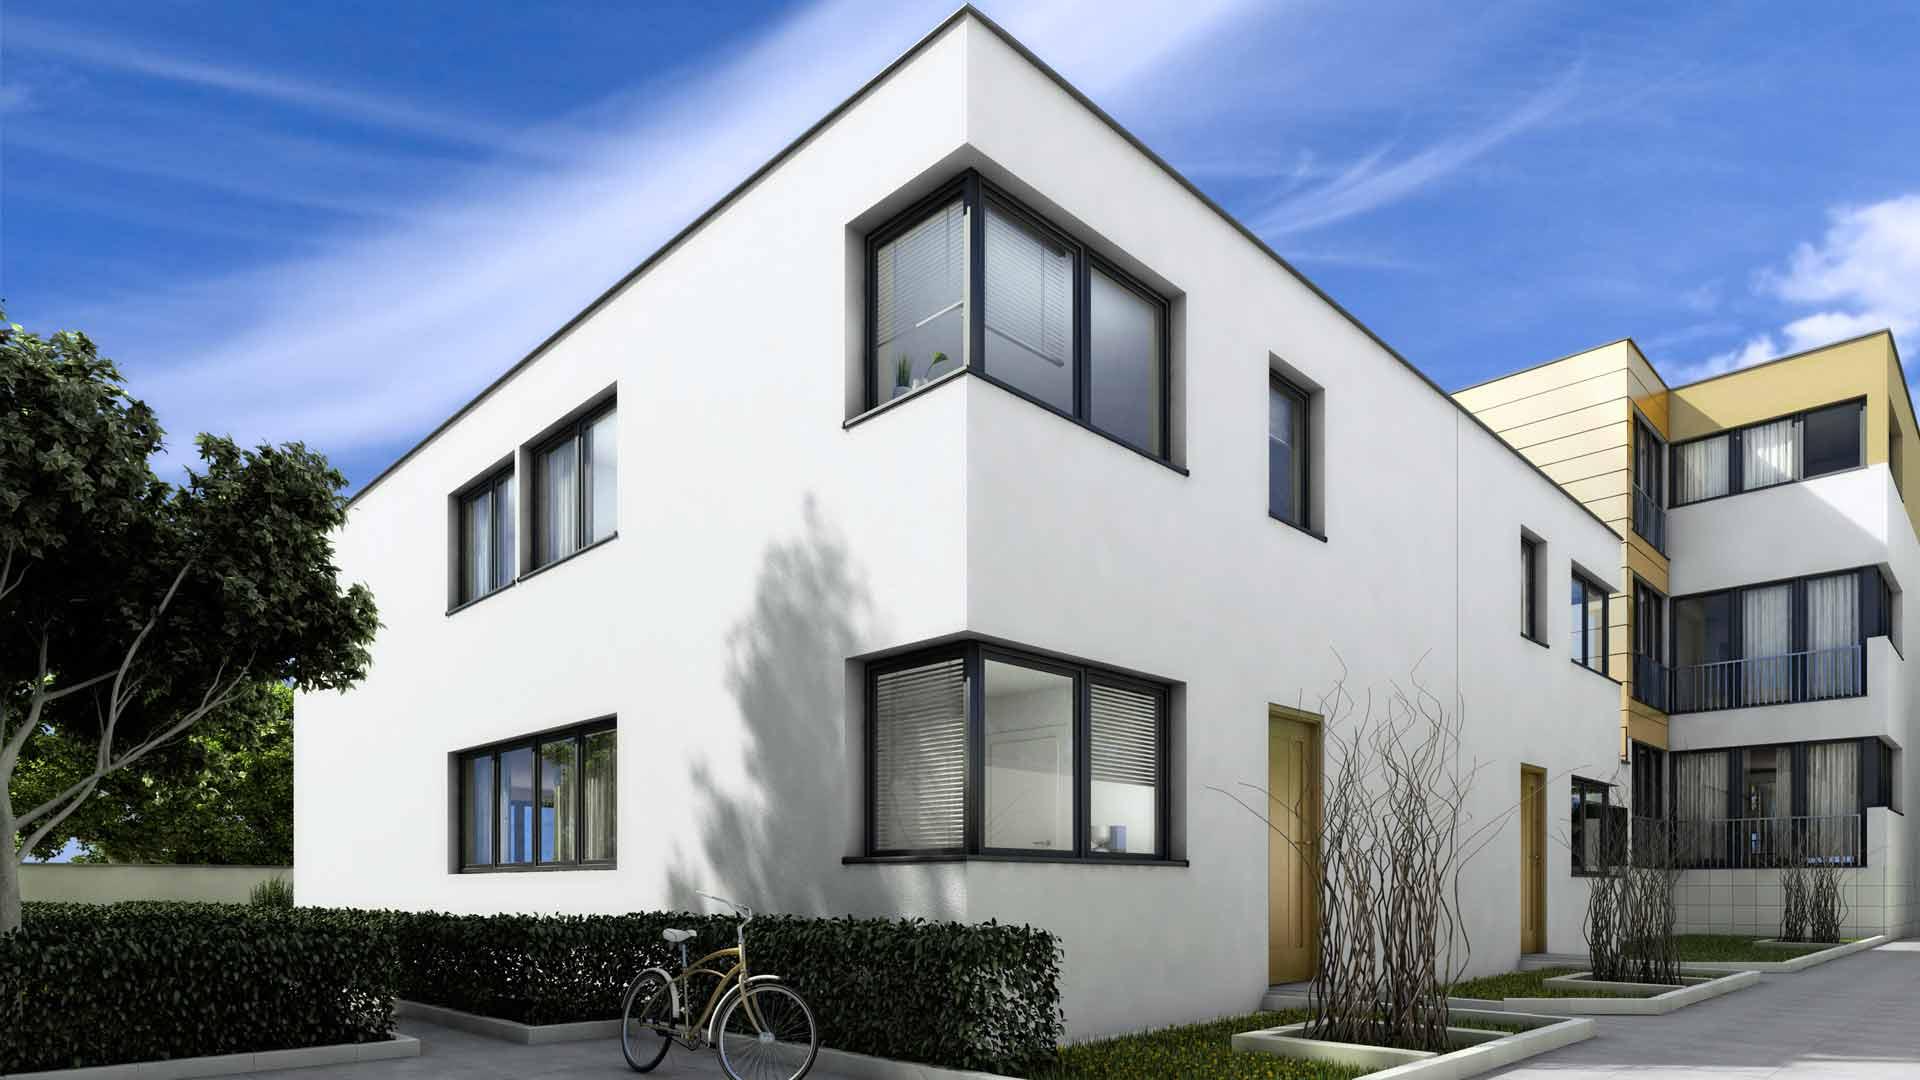 3D Visualisierungen Architektur Luxusimmobilien Koeln Holunderweg